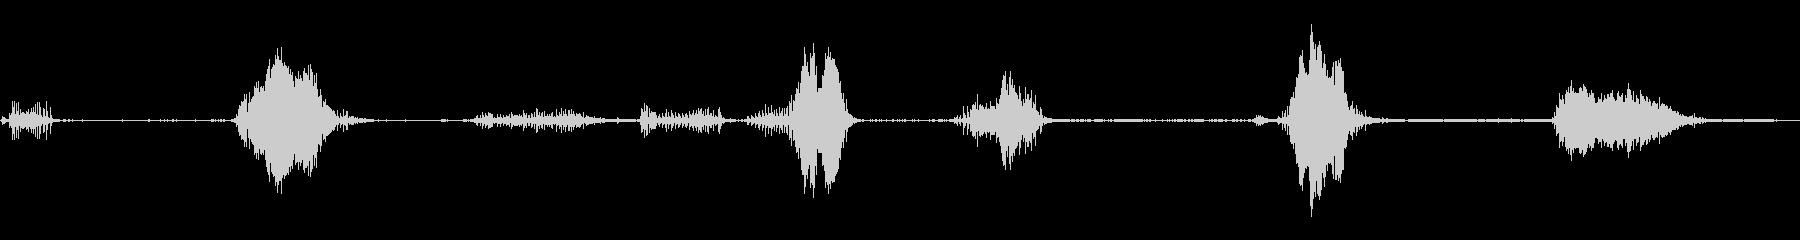 農場で大きなイノシシのうなり声の未再生の波形